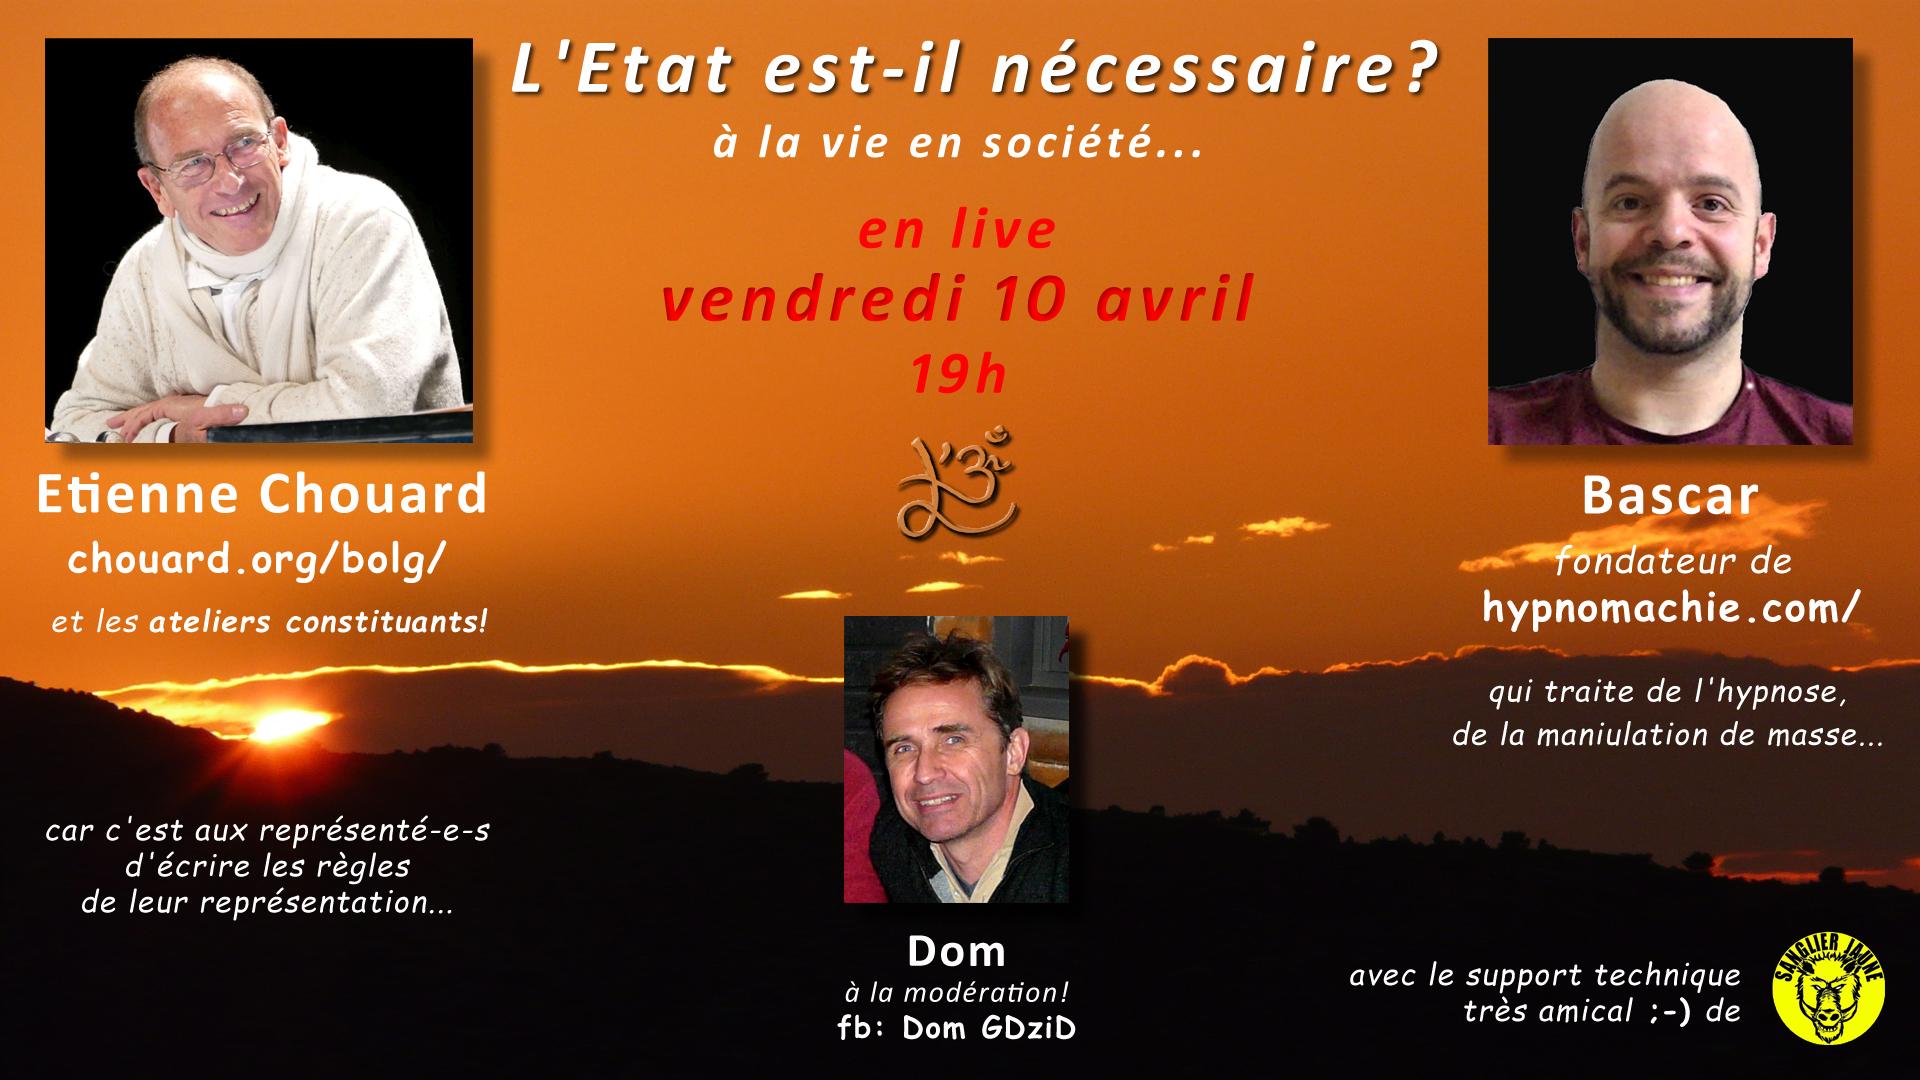 L'État est-il nécessaire à la vie en société? Échange demain soir, vendredi 10 avril, en live avec Bascar:)